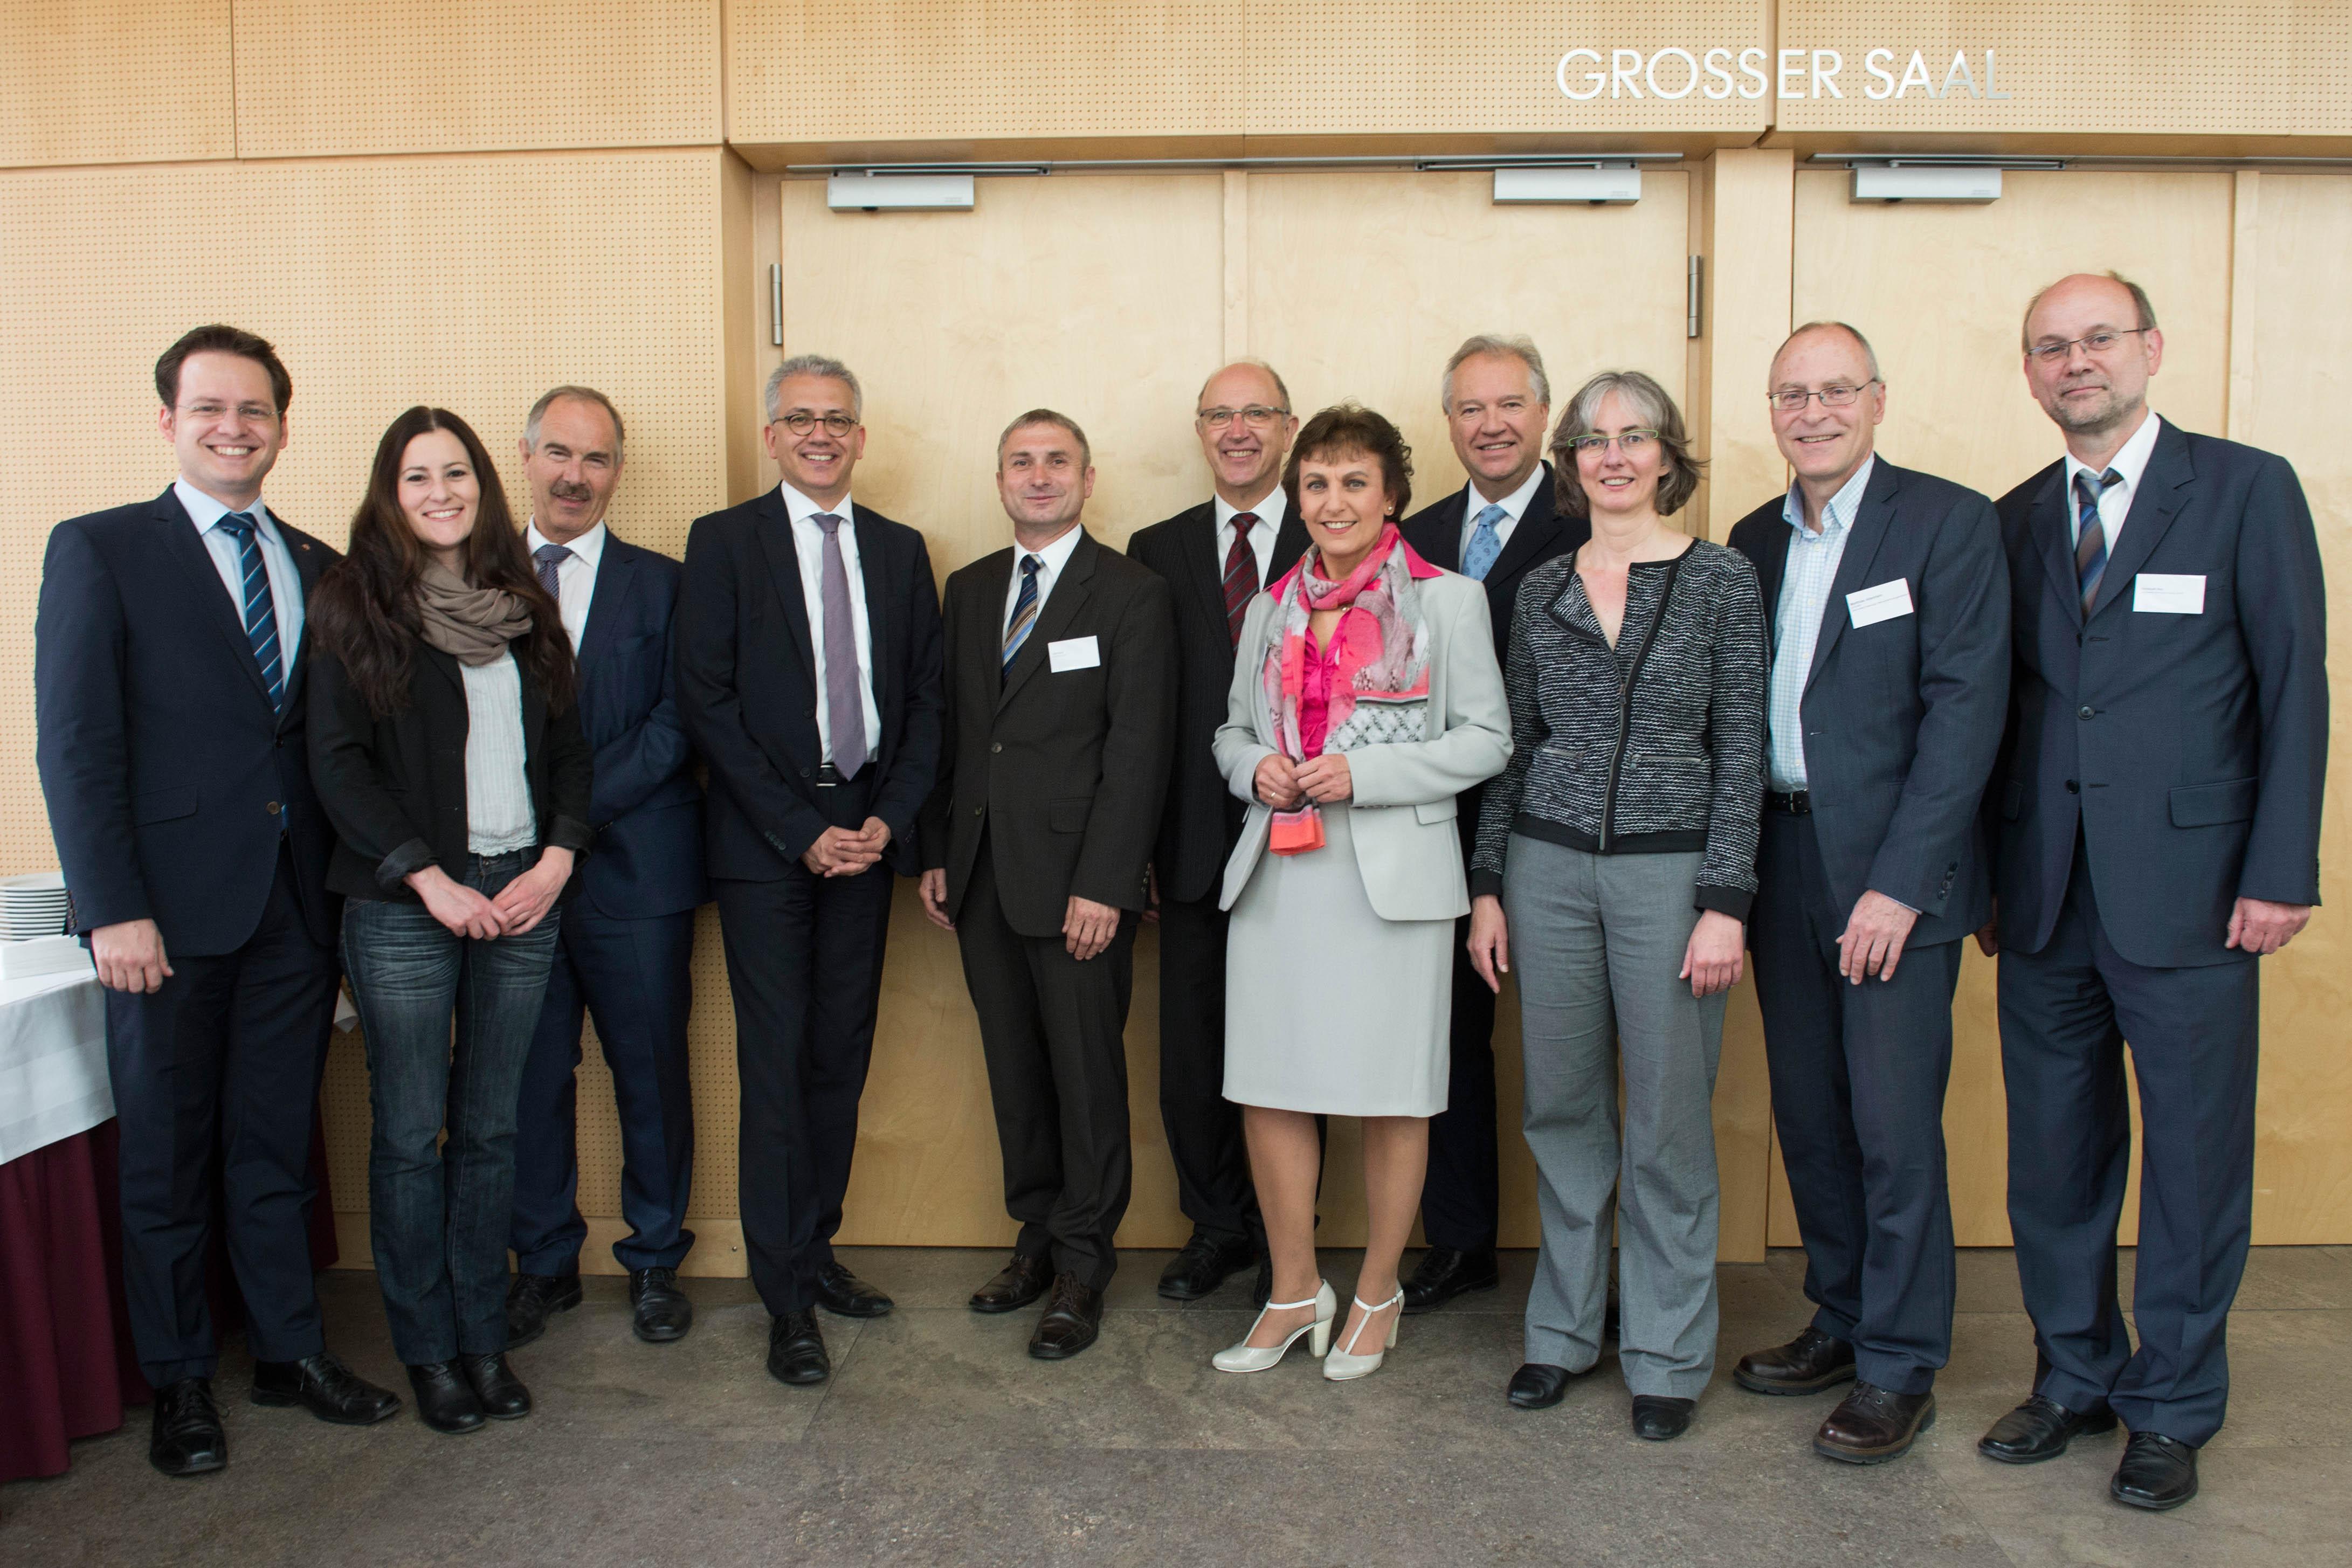 Fotohinweis: Beigefügt finden Sie ein Foto des Vorstands der LAG ÖPNV mit dem hessischen Minister für Wirtschaft und Verkehr, Tarek Al-Wazir, und den verkehrspolitischen Sprechern der Fraktionen im Hessischen Landtag (von links):  - Tobias Eckert, MdL